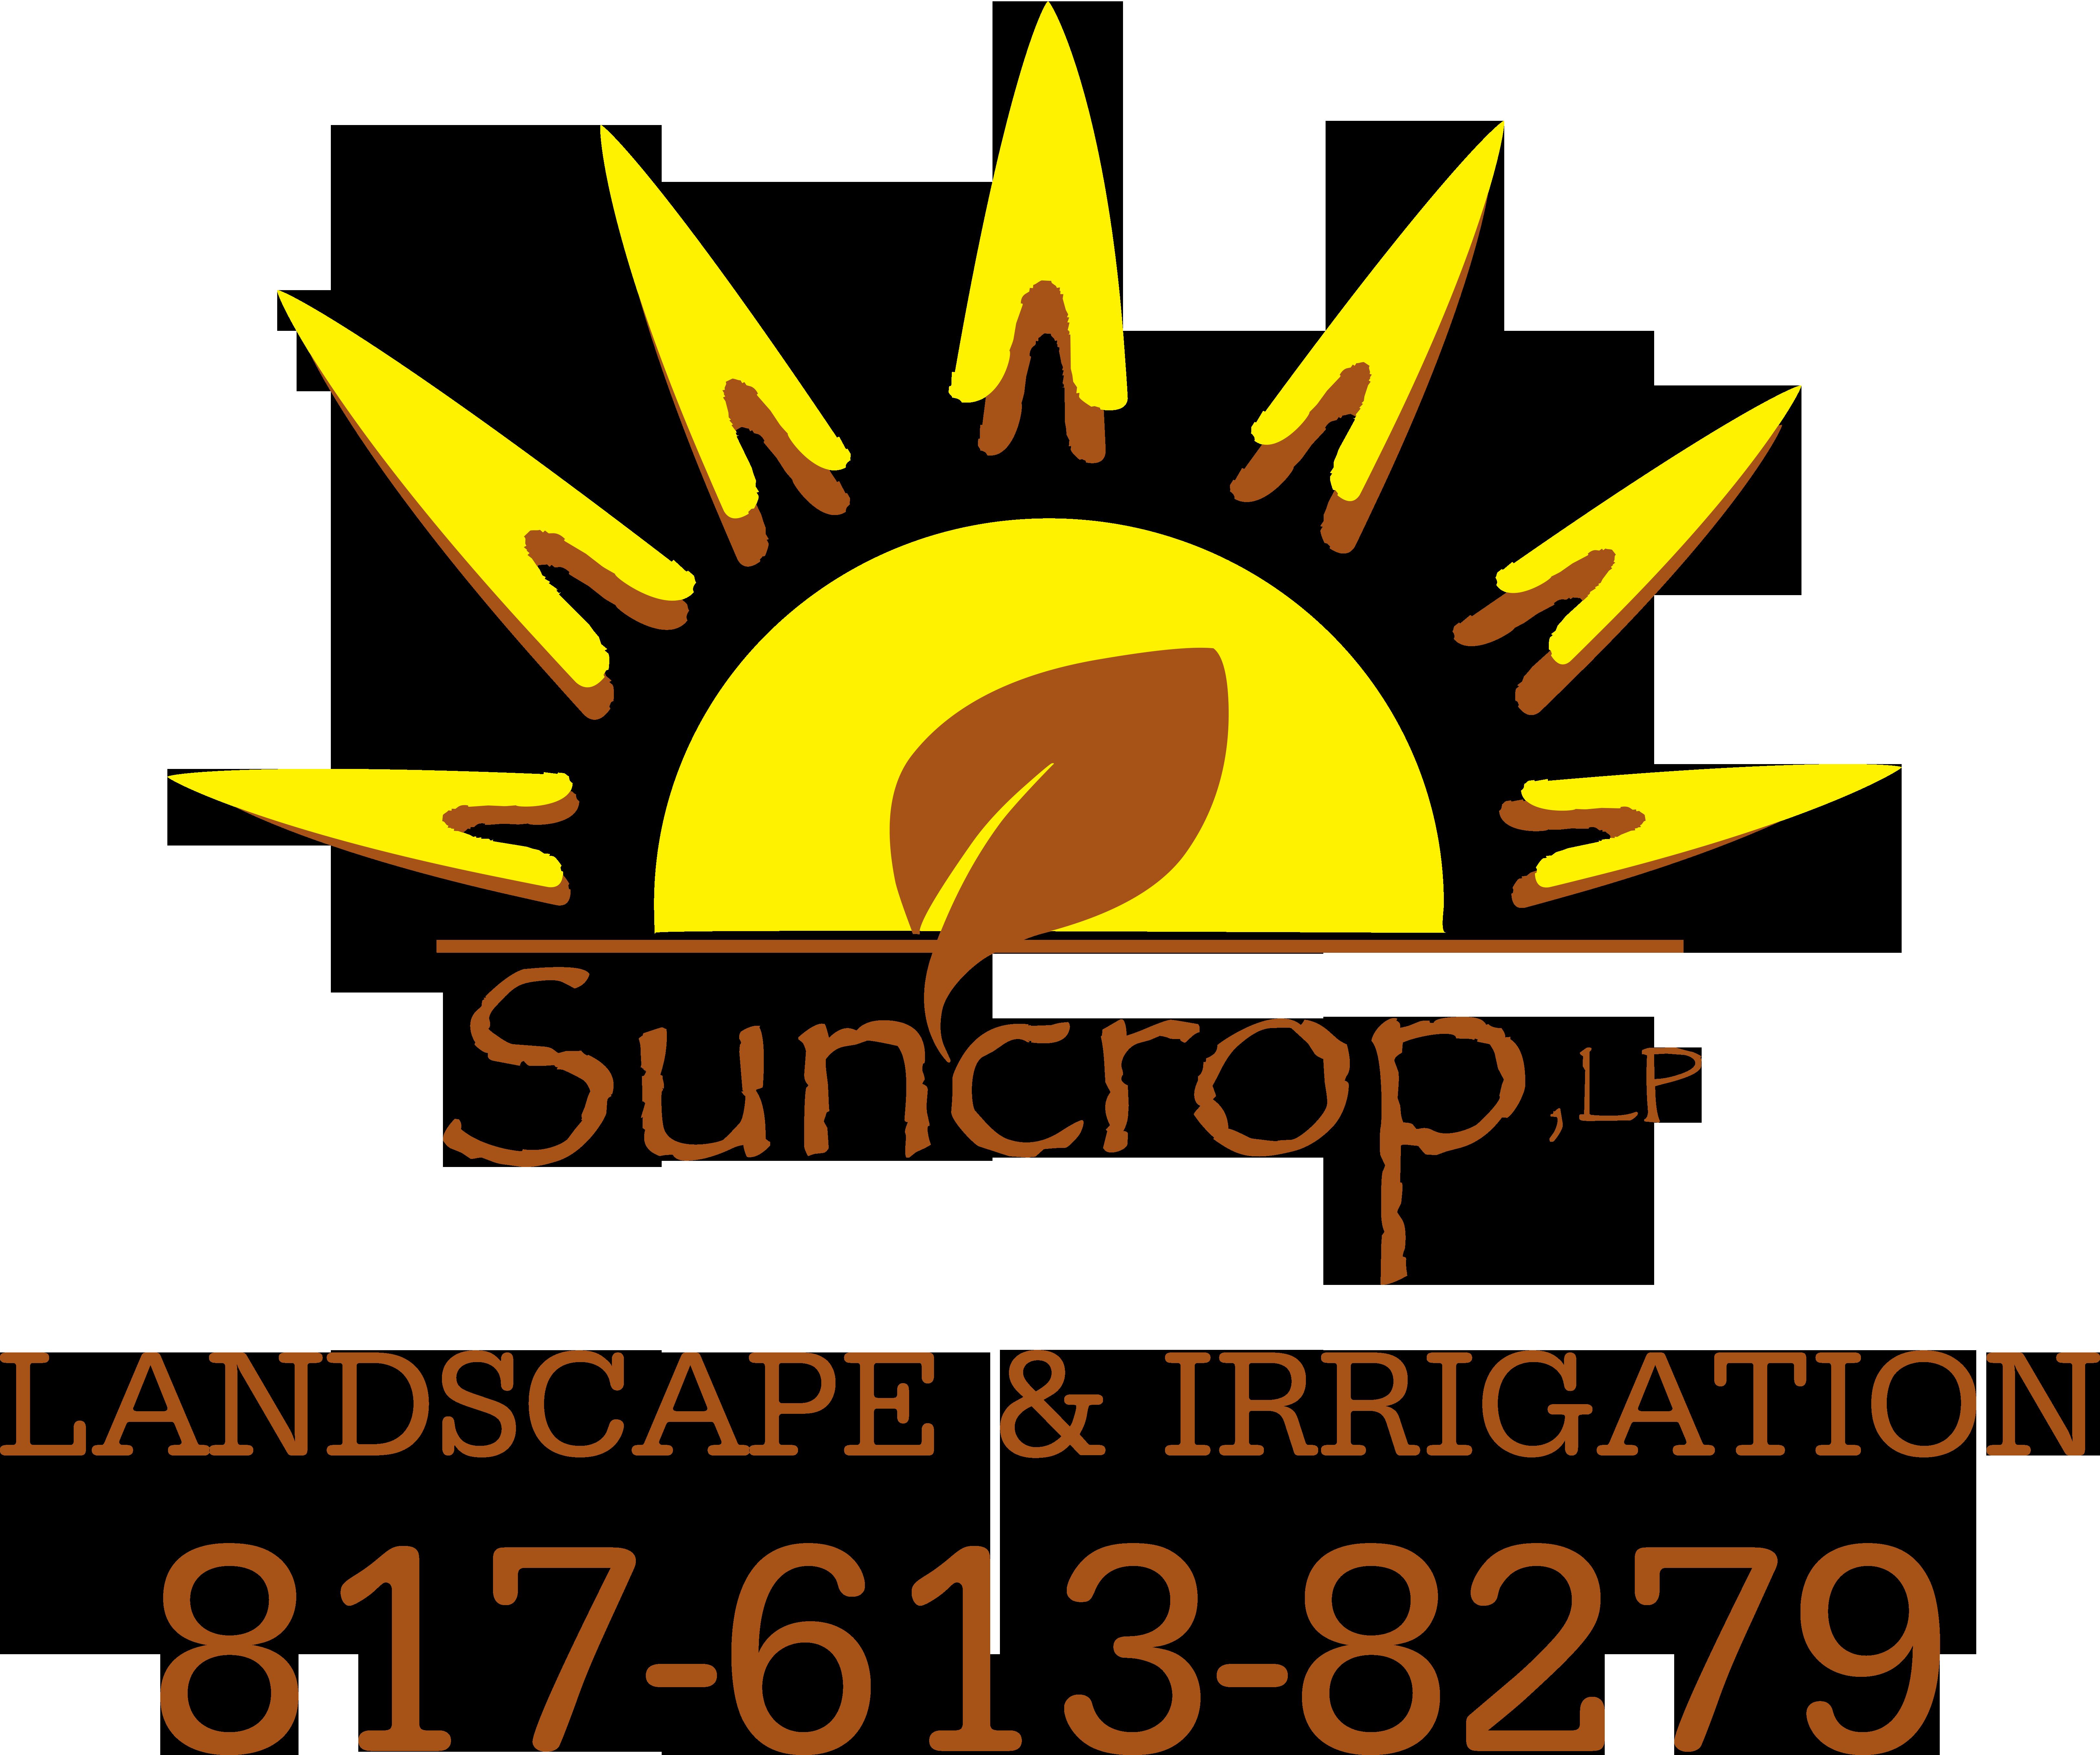 Suncrop, LP